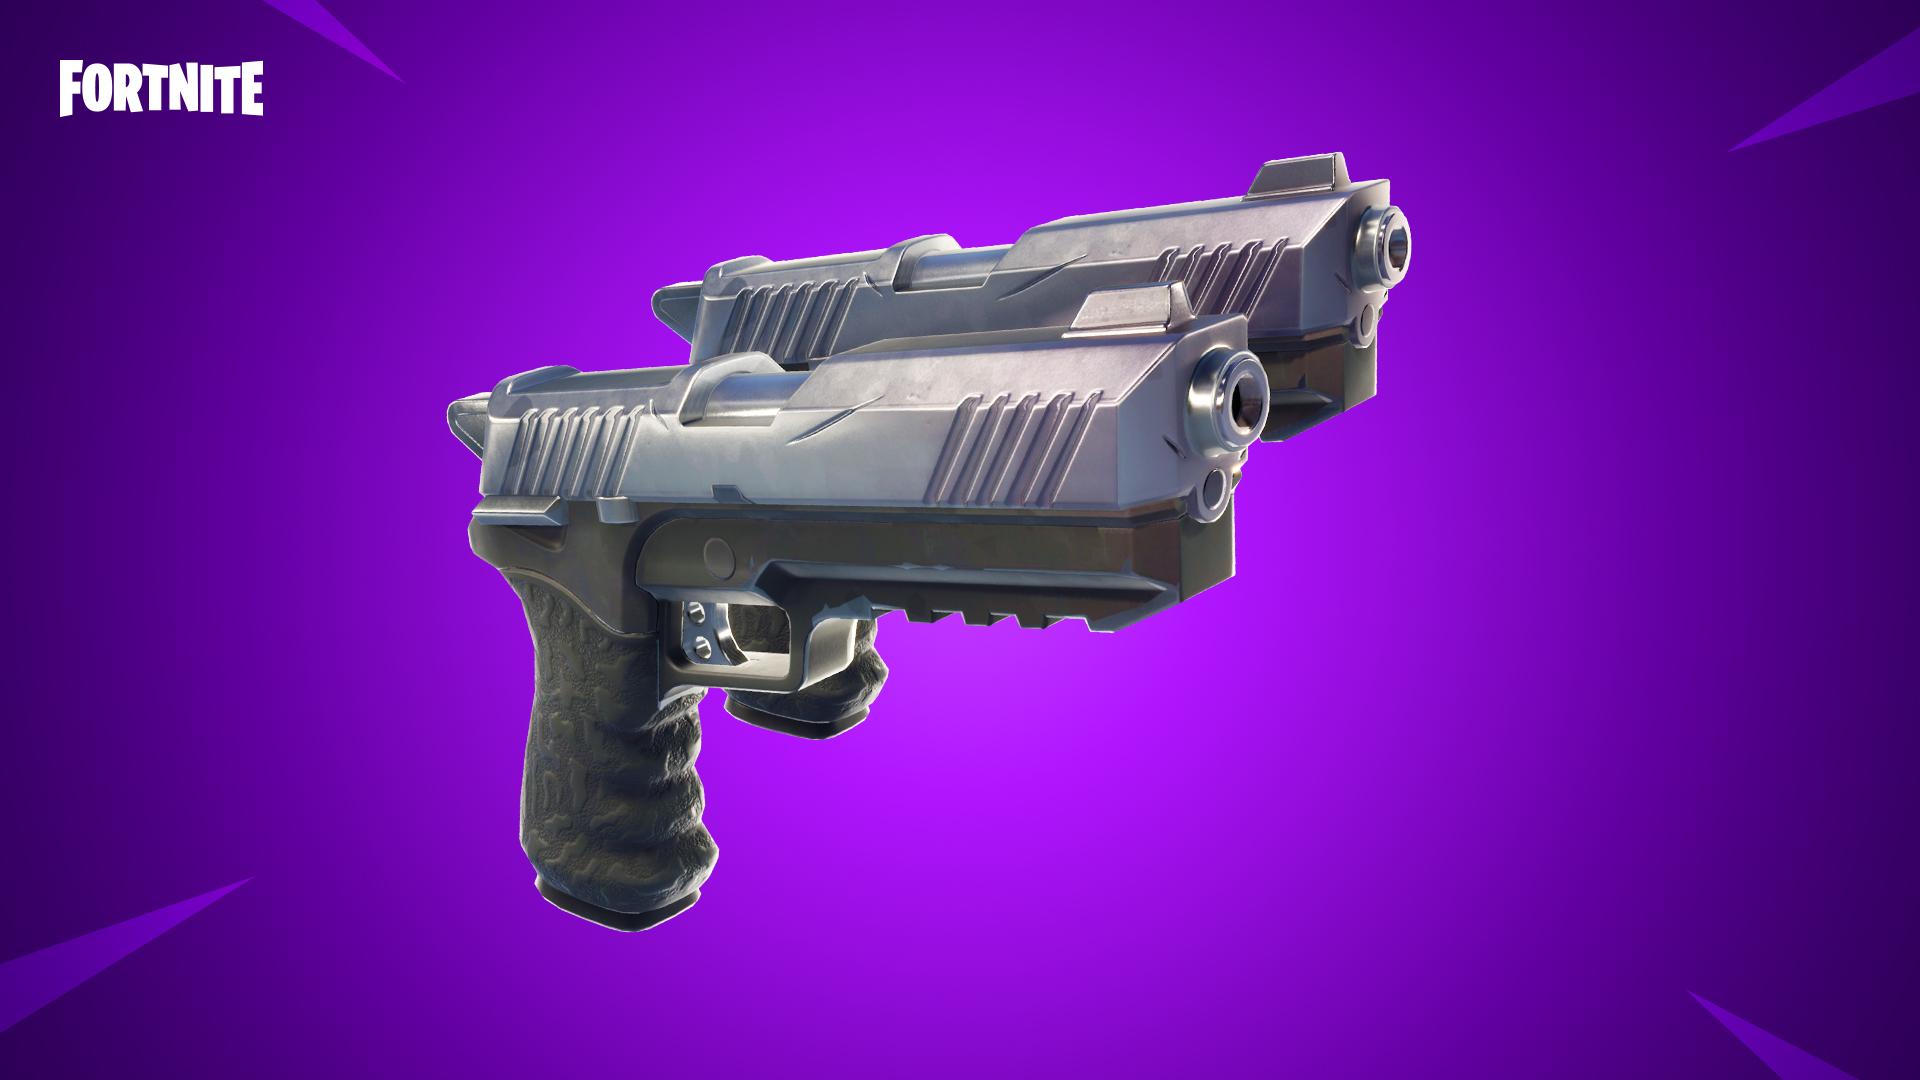 Fortnite - Mise à jour 4.5, arrêt serveur et infos - pistolet double